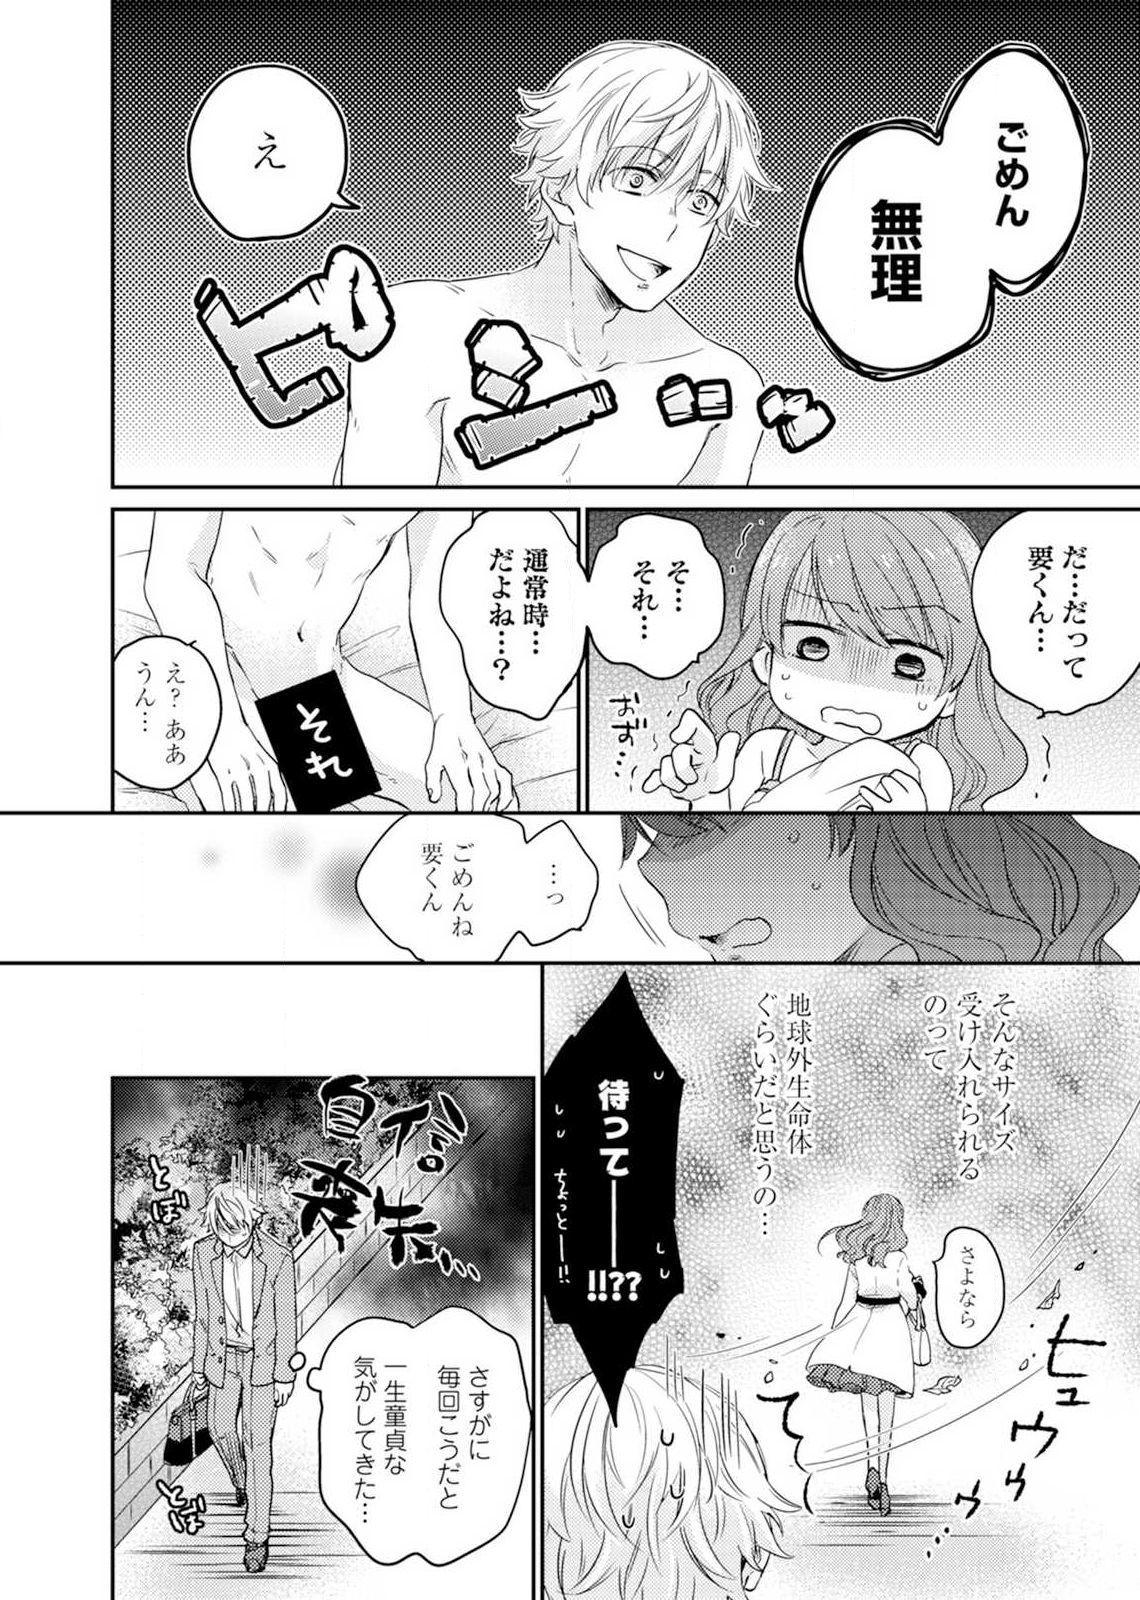 Kimi wa Kokan no Mochigusare Ch.1 4